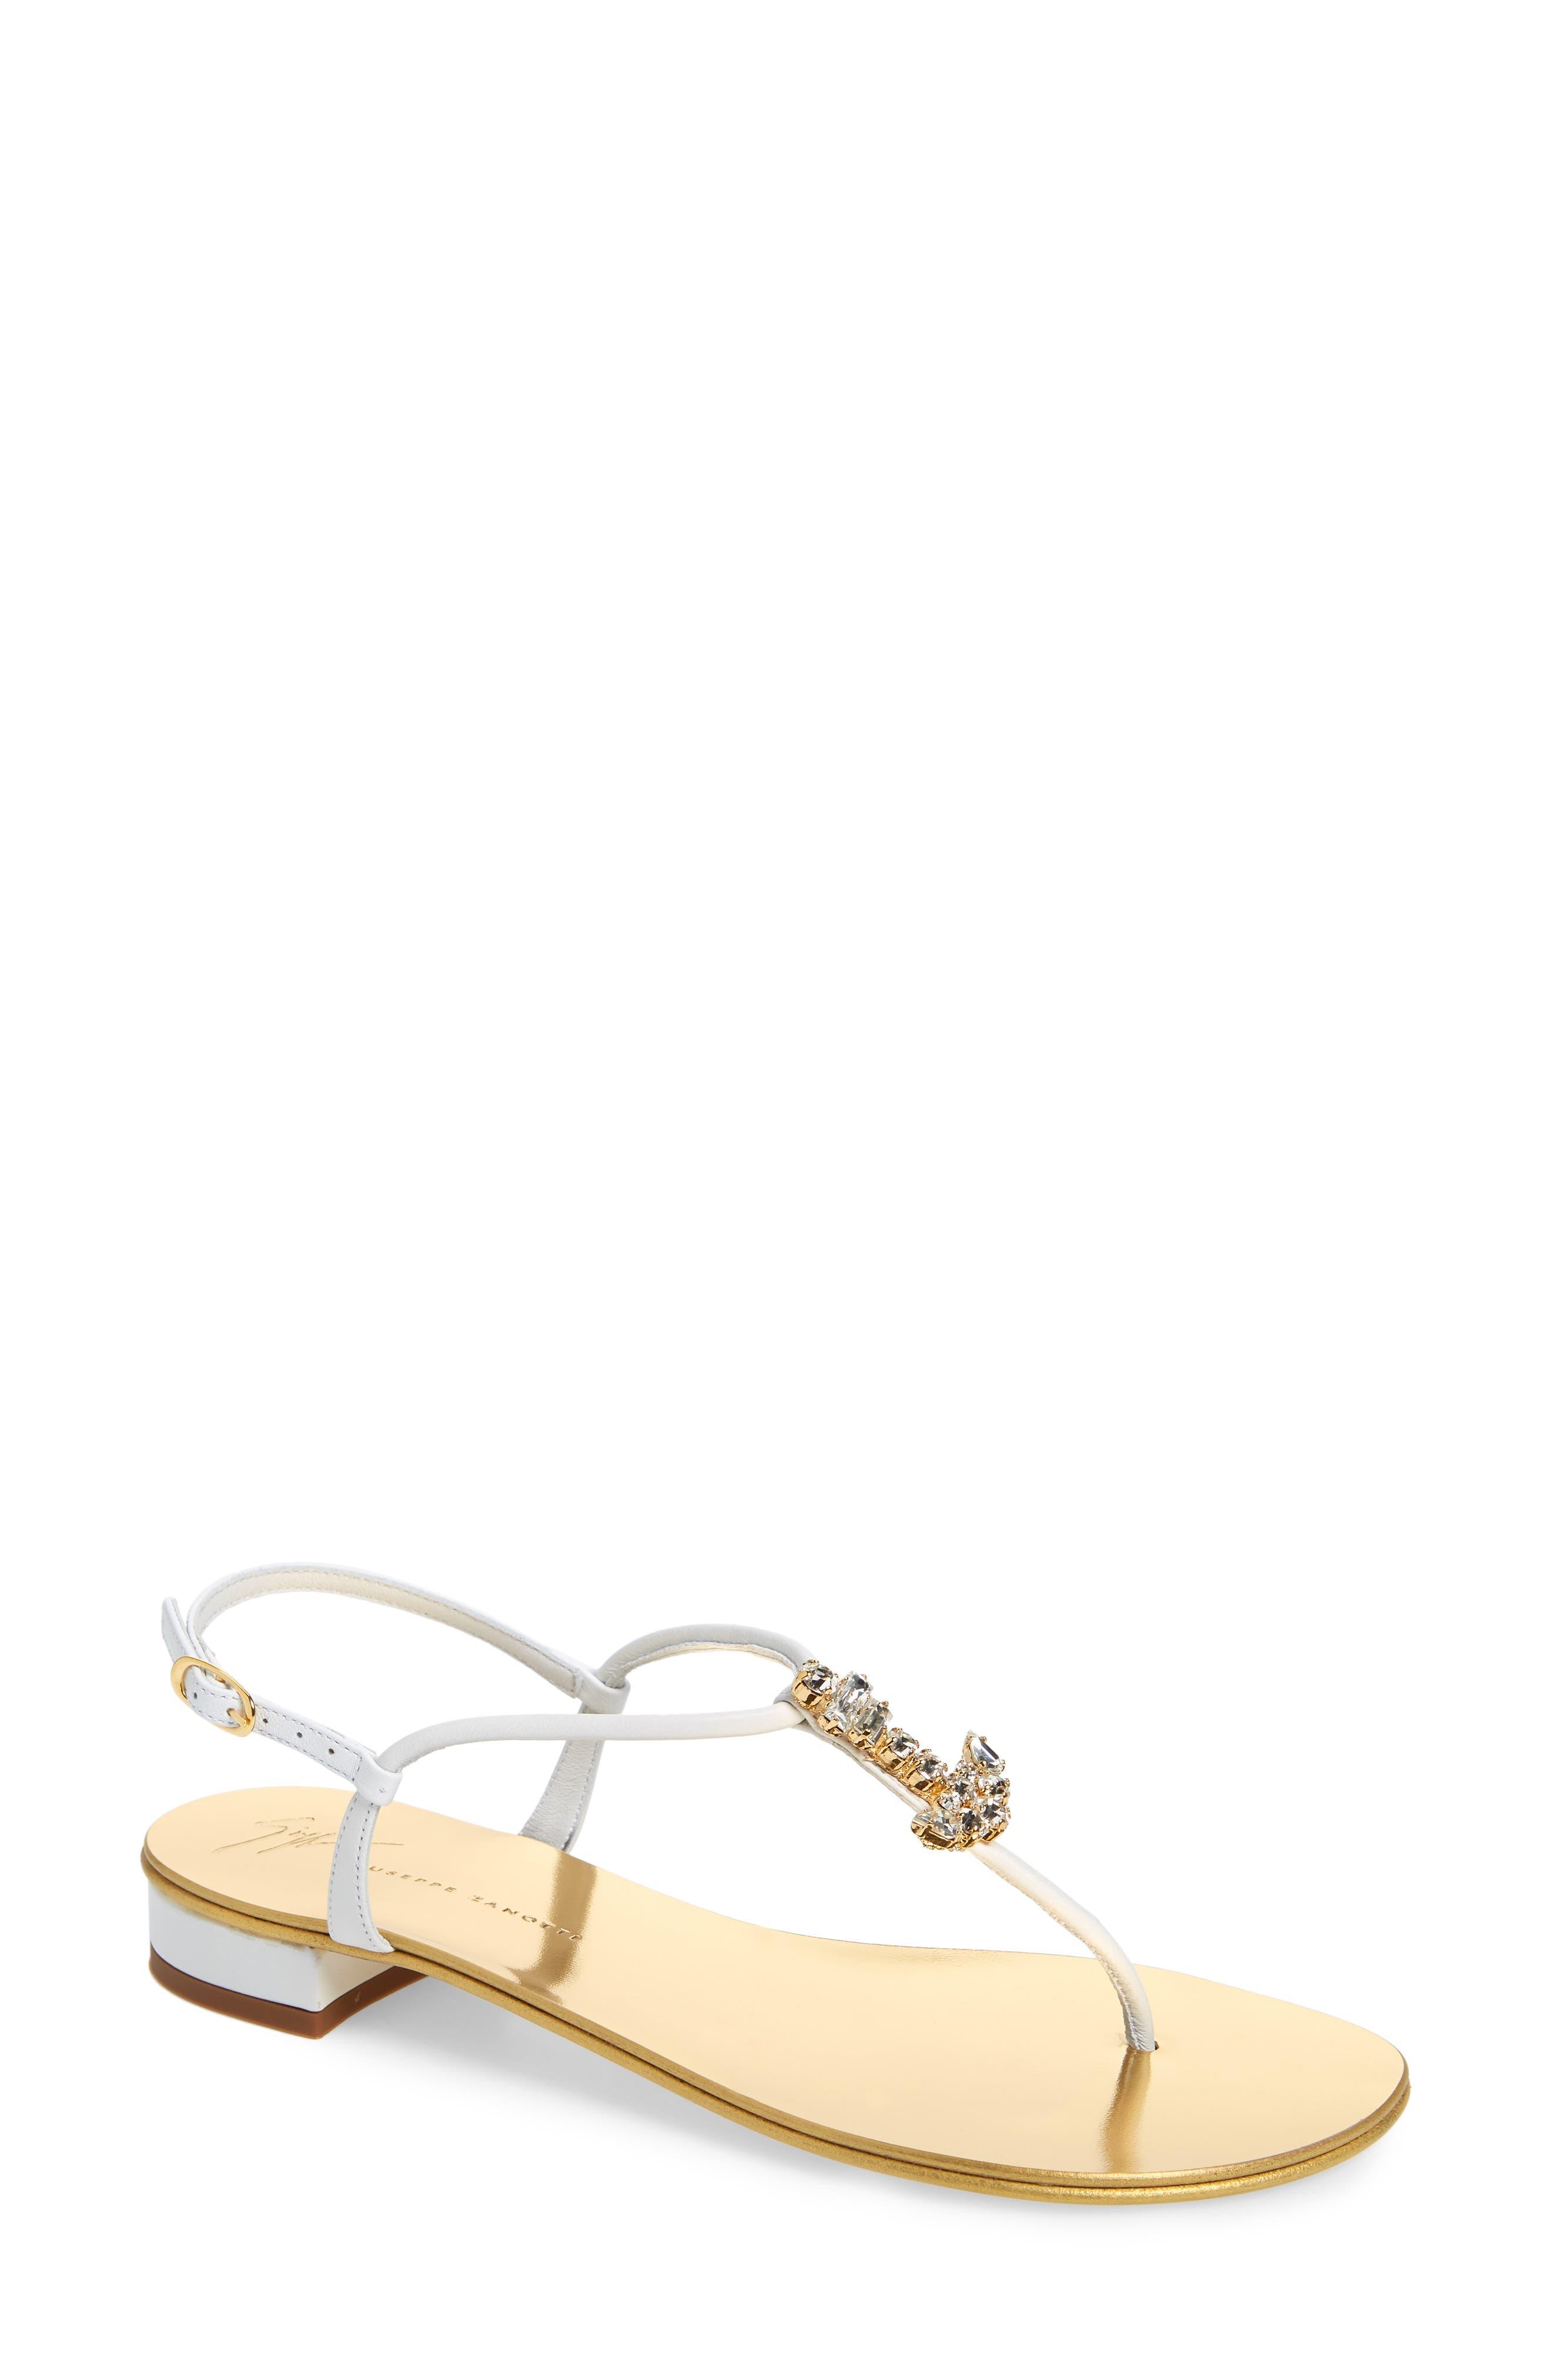 Giuseppe Zanotti Anchor Crystal Embellished Thong Sandal- White